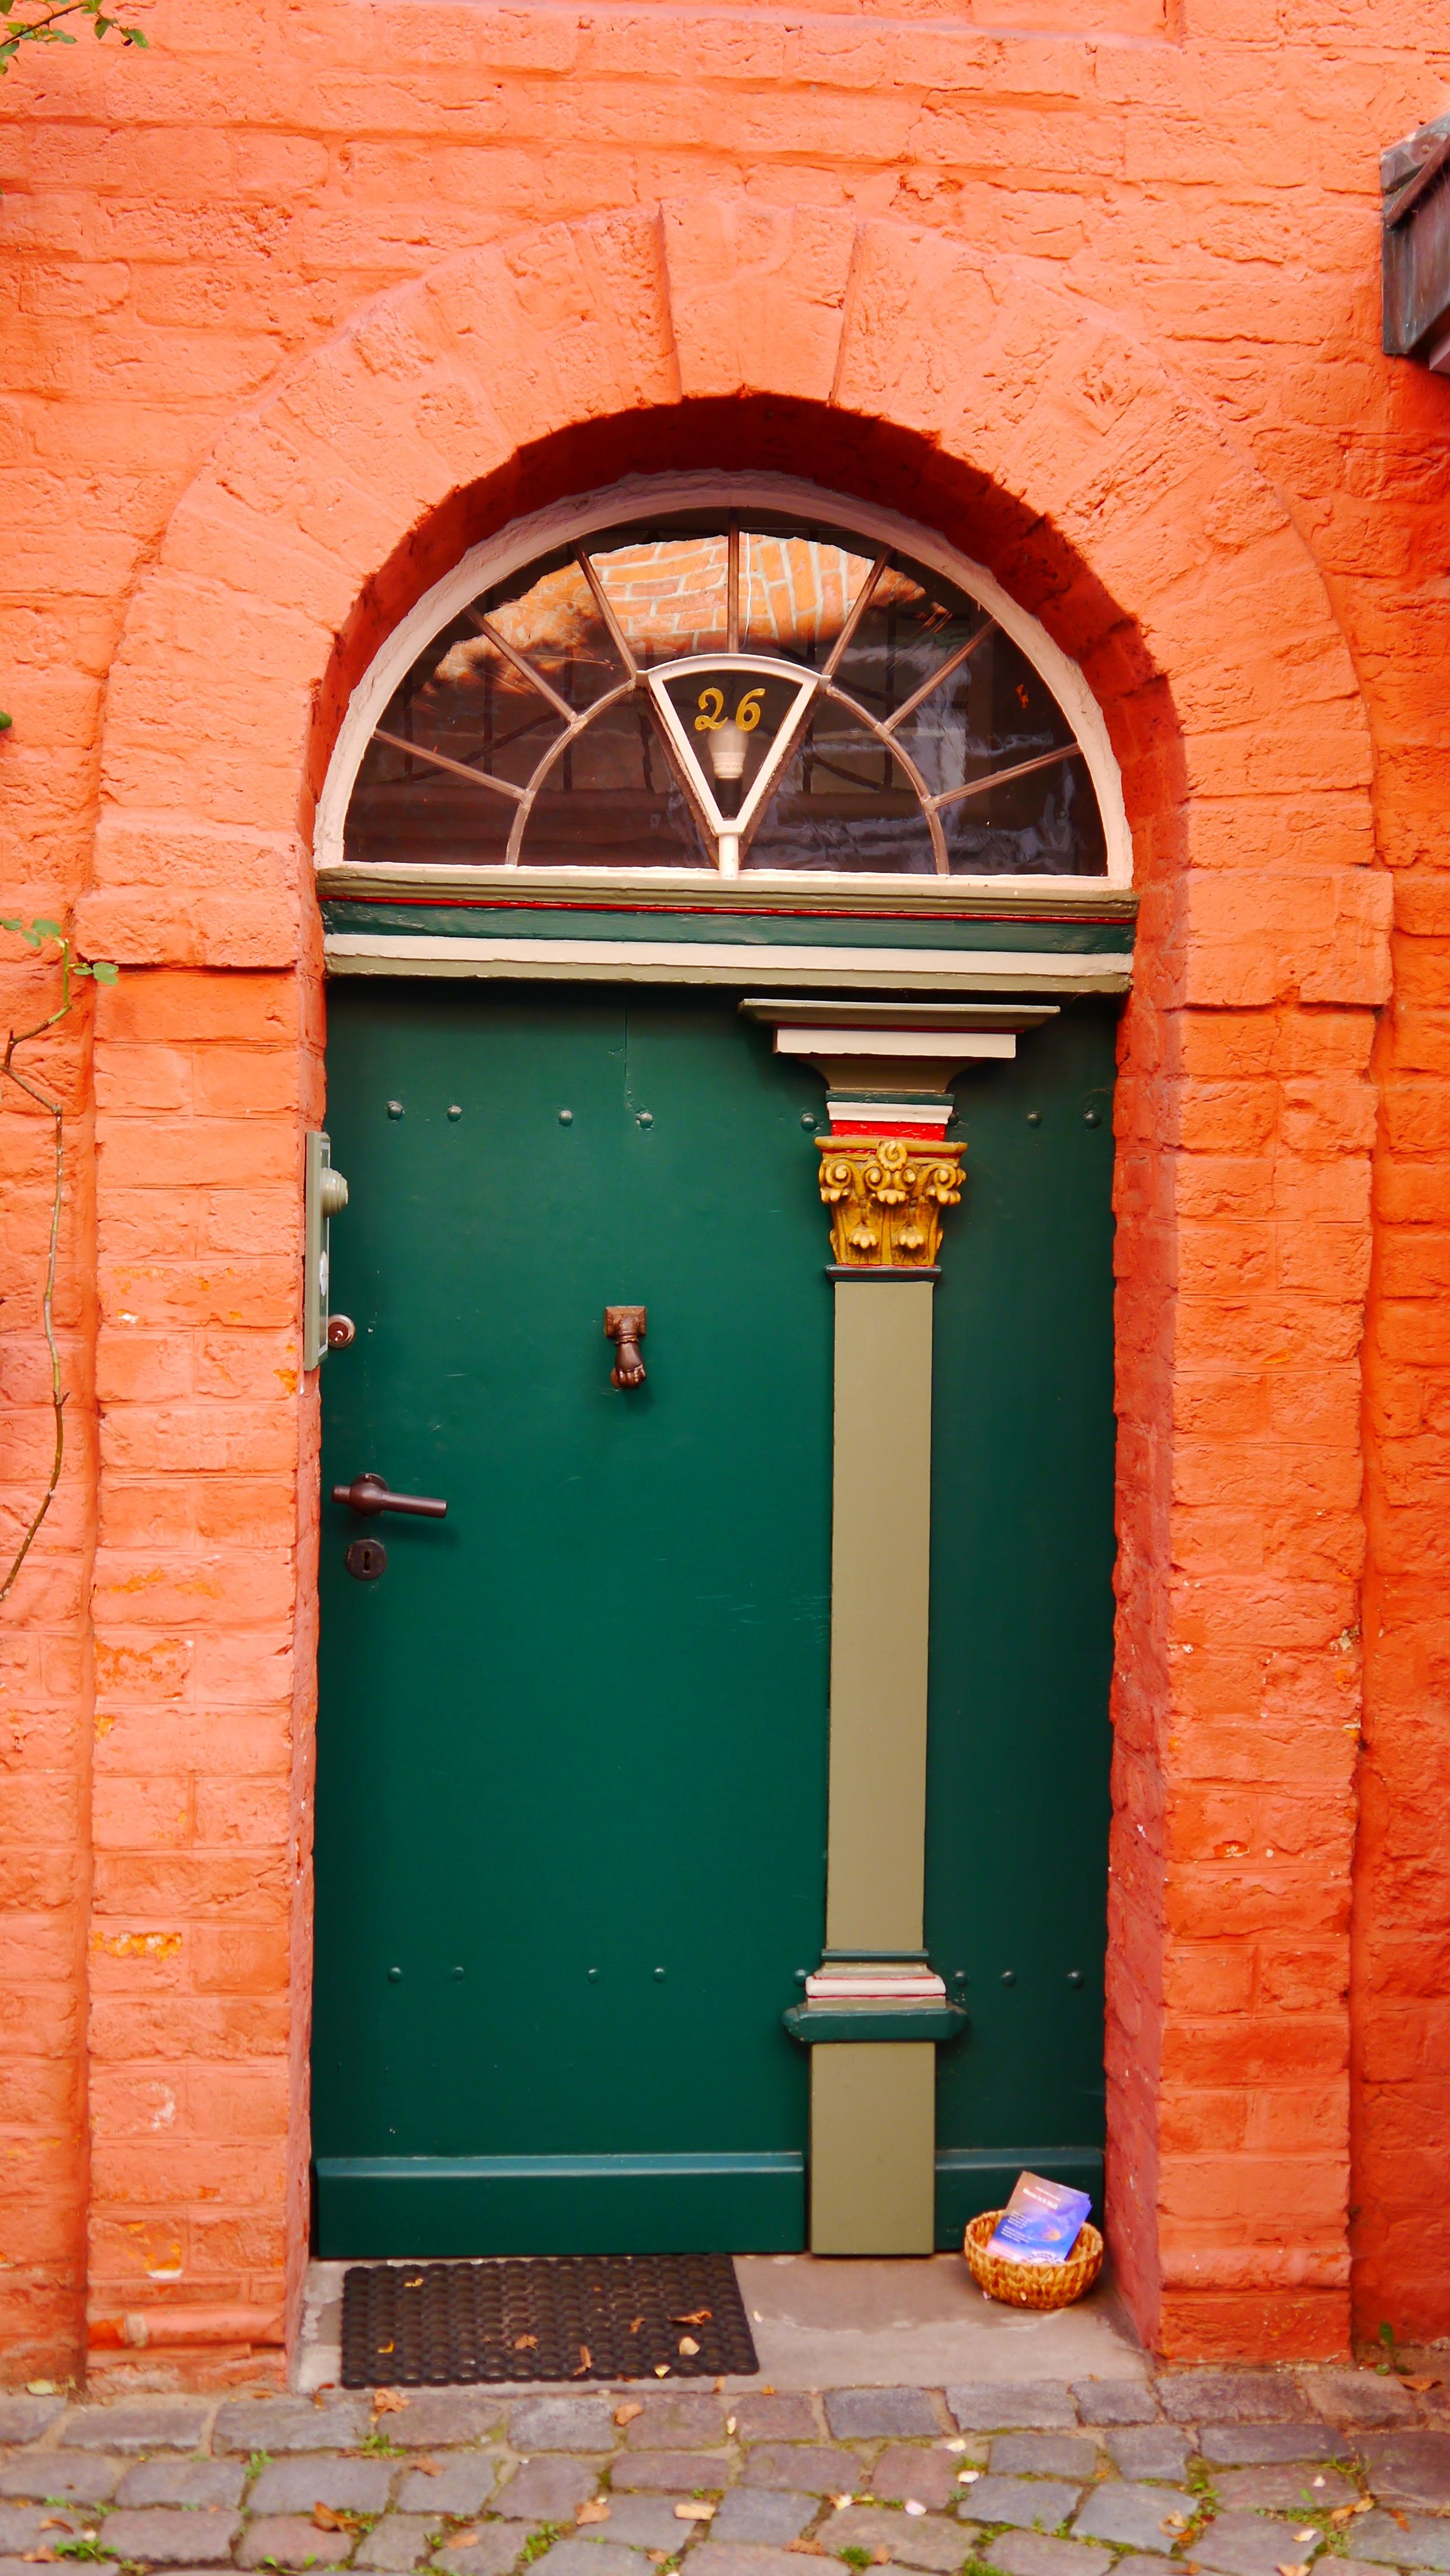 Wood Window Old Wall Arch Green Red Color Facade Nostalgia Brick Door Front  Door Input House